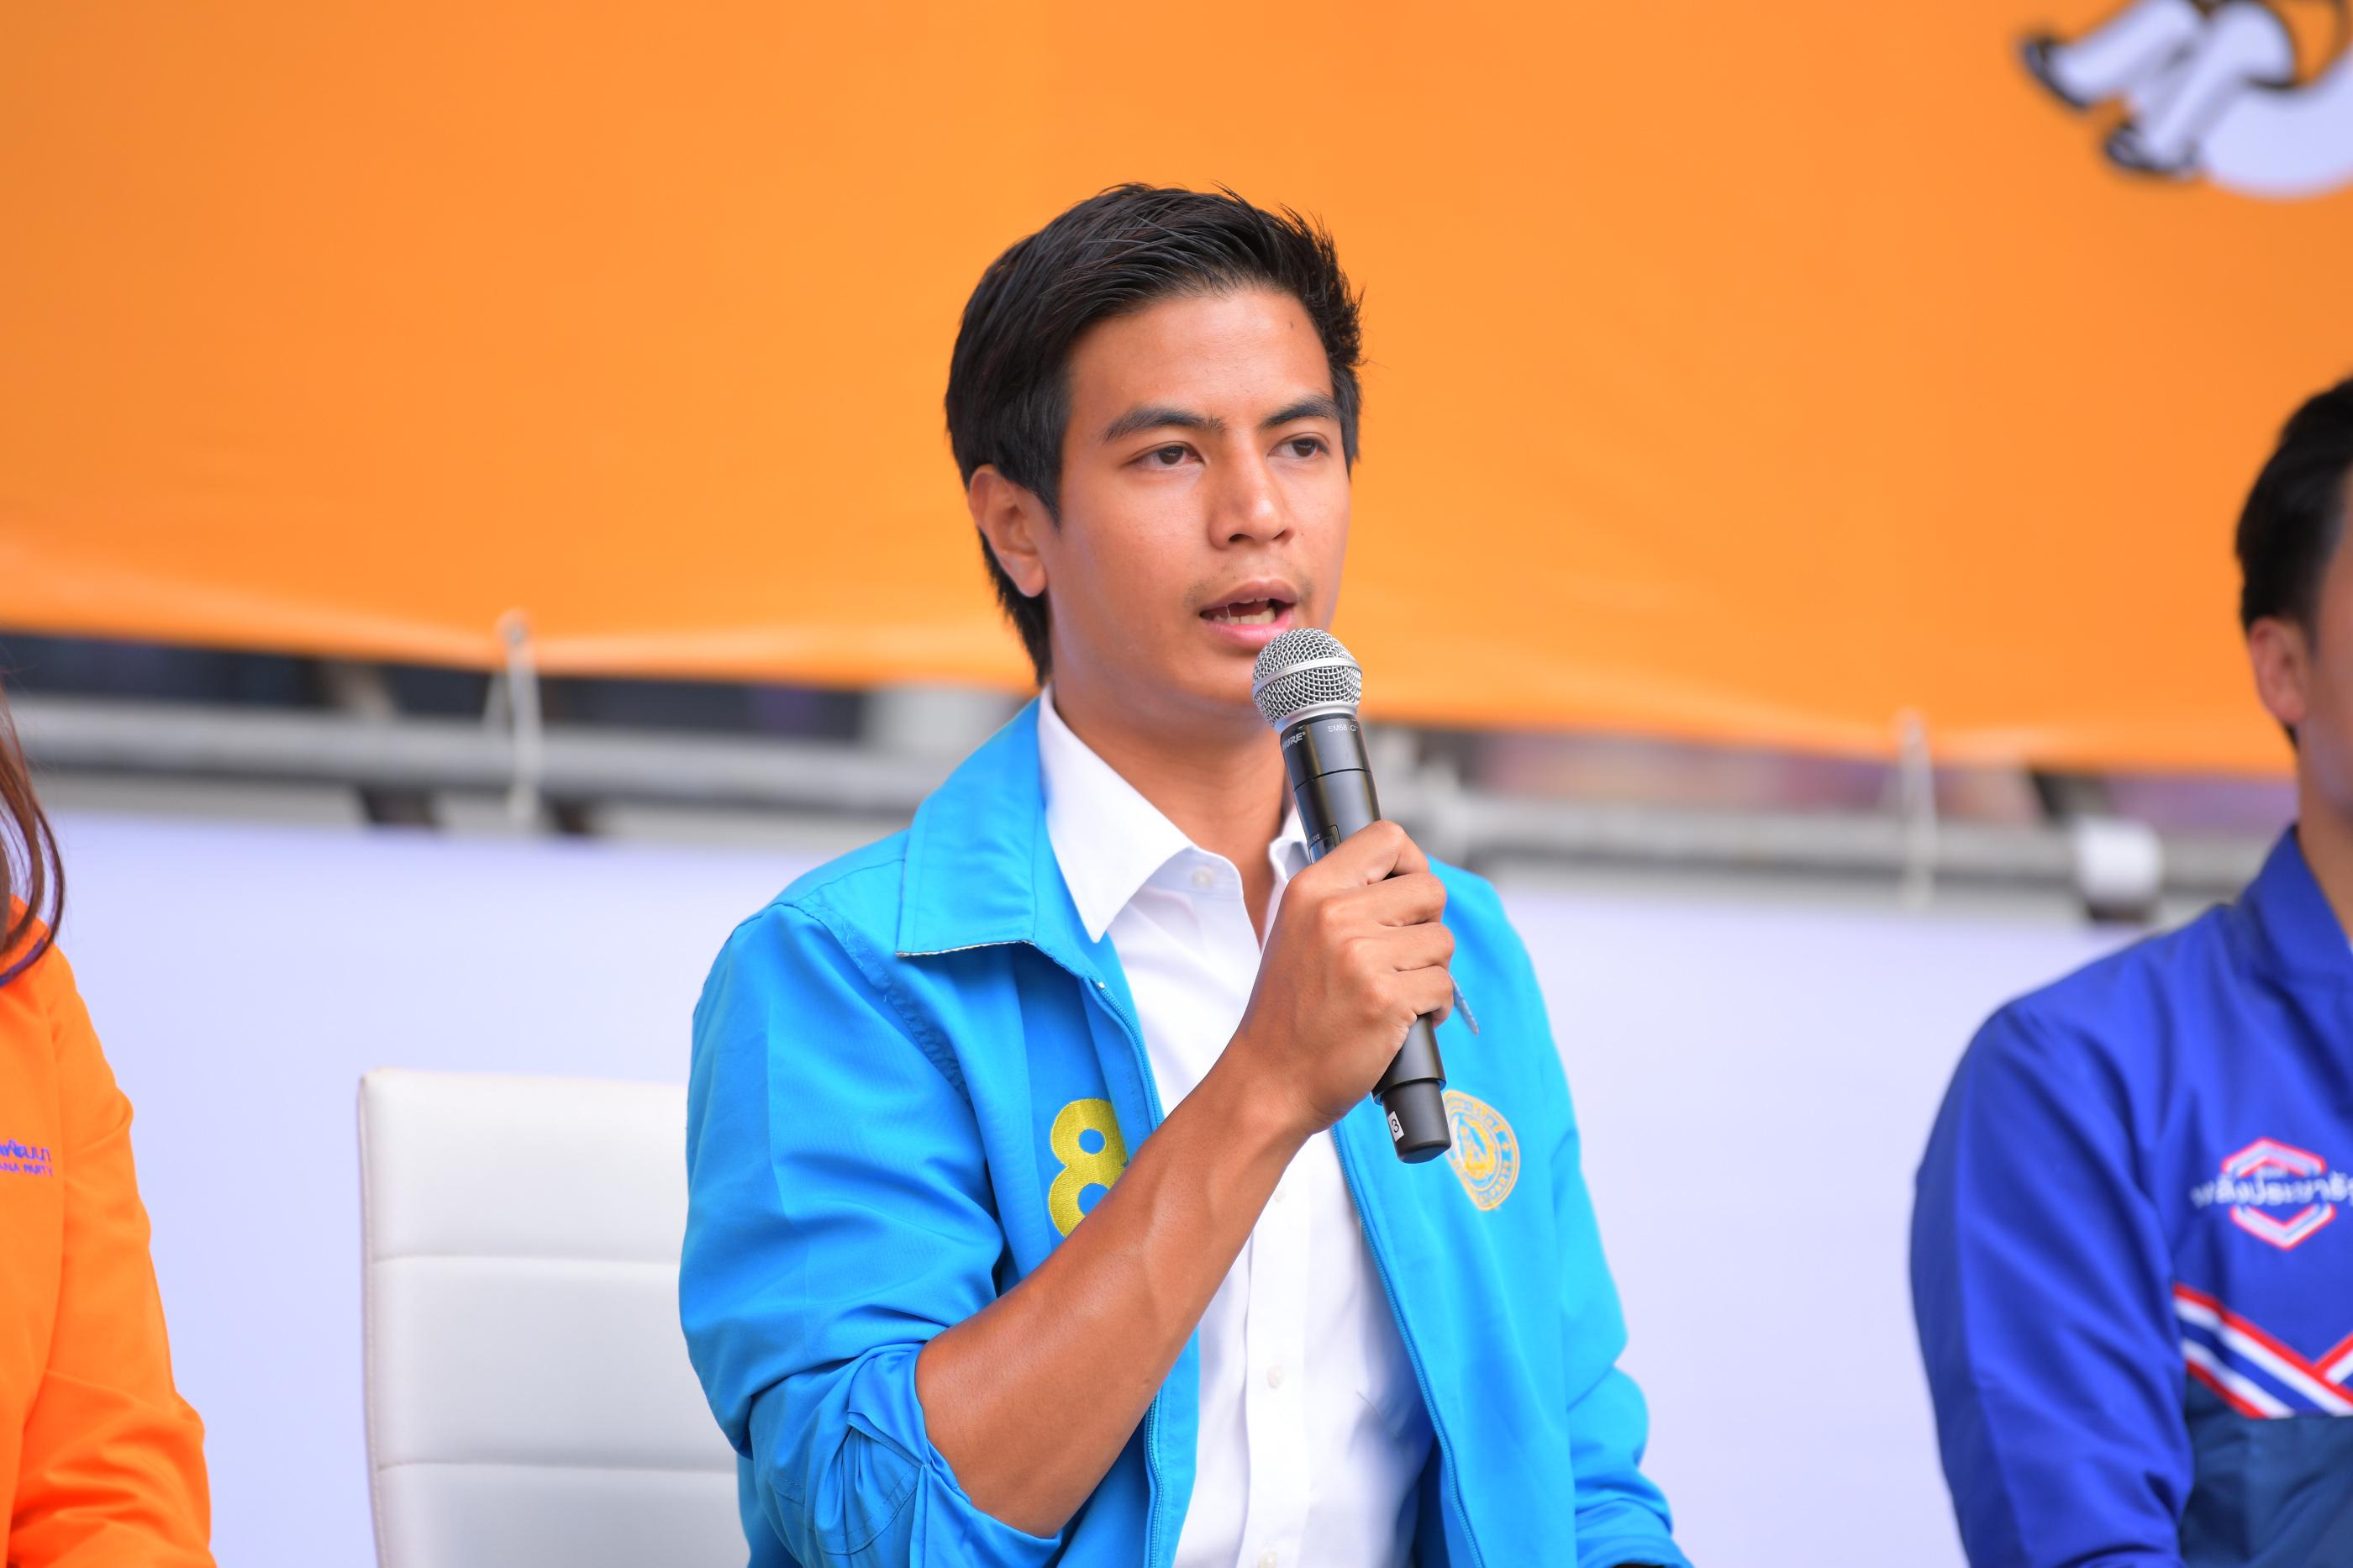 เปิดมุมมอง 5 พรรค กำหนดนโยบายเด็ก-เยาวชน thaihealth